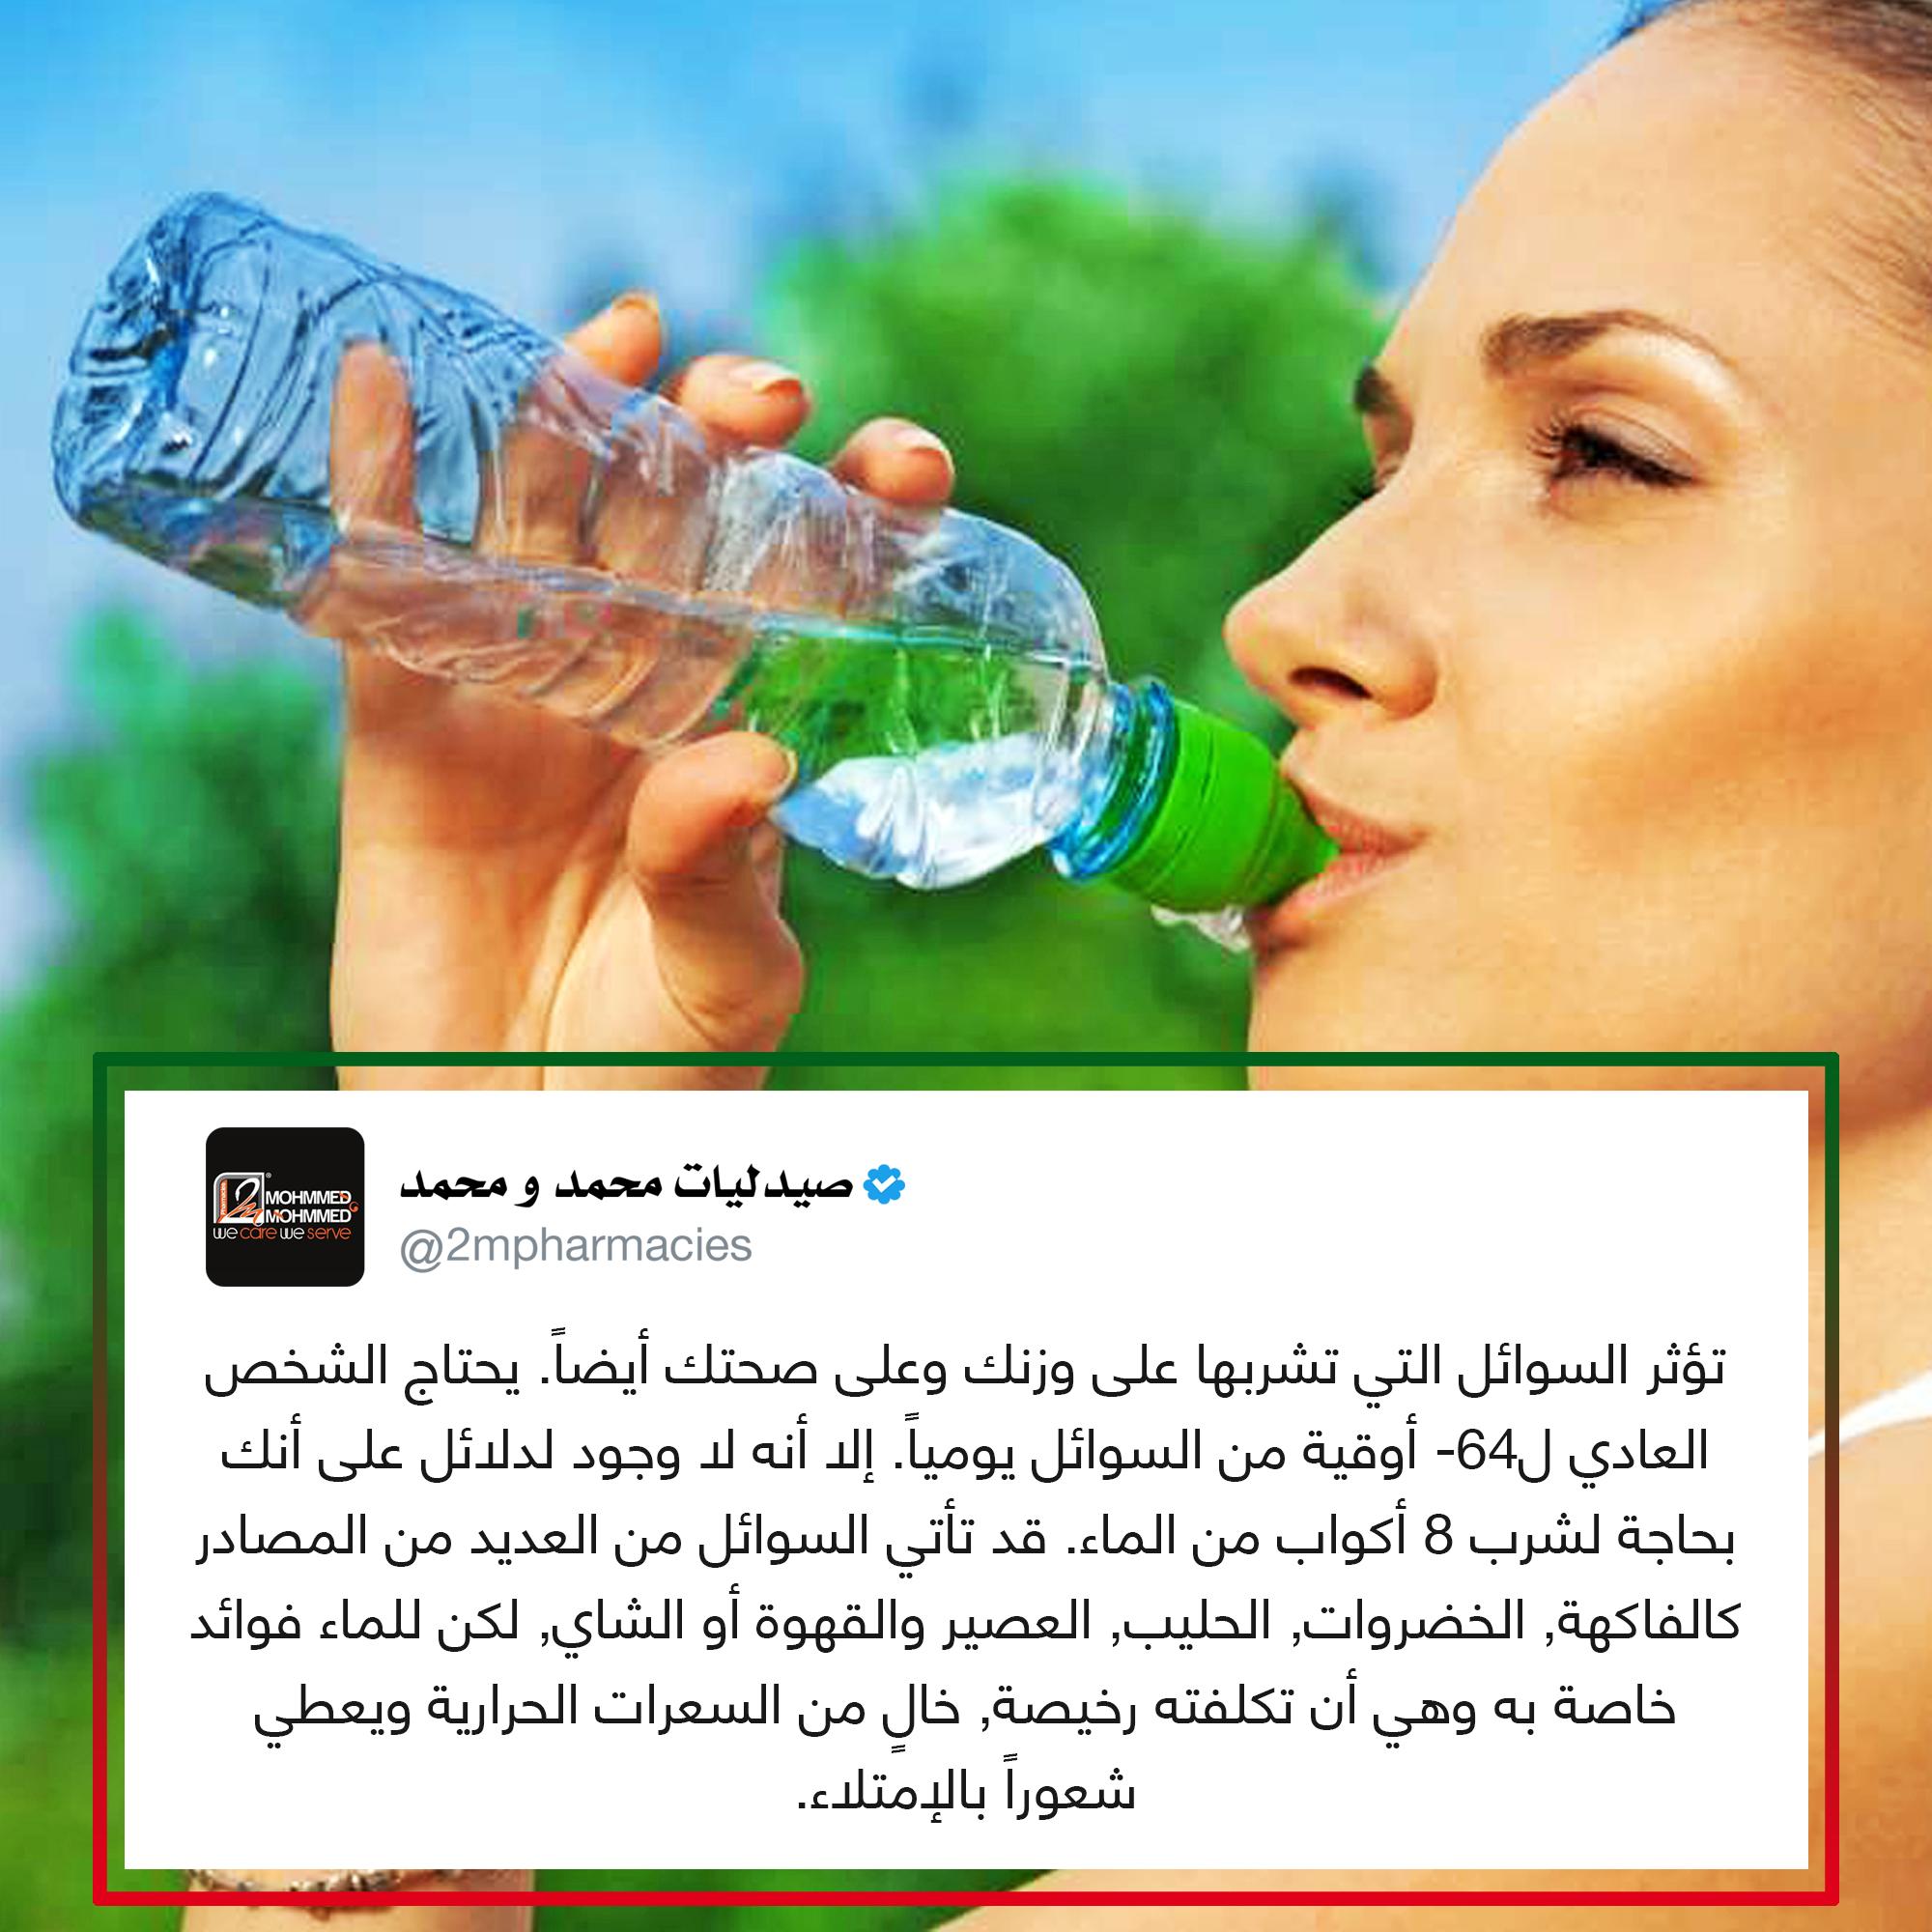 Pin By Mohmmed Mohmmed Pharmacies On Public العام Water Bottle Bottle Plastic Water Bottle